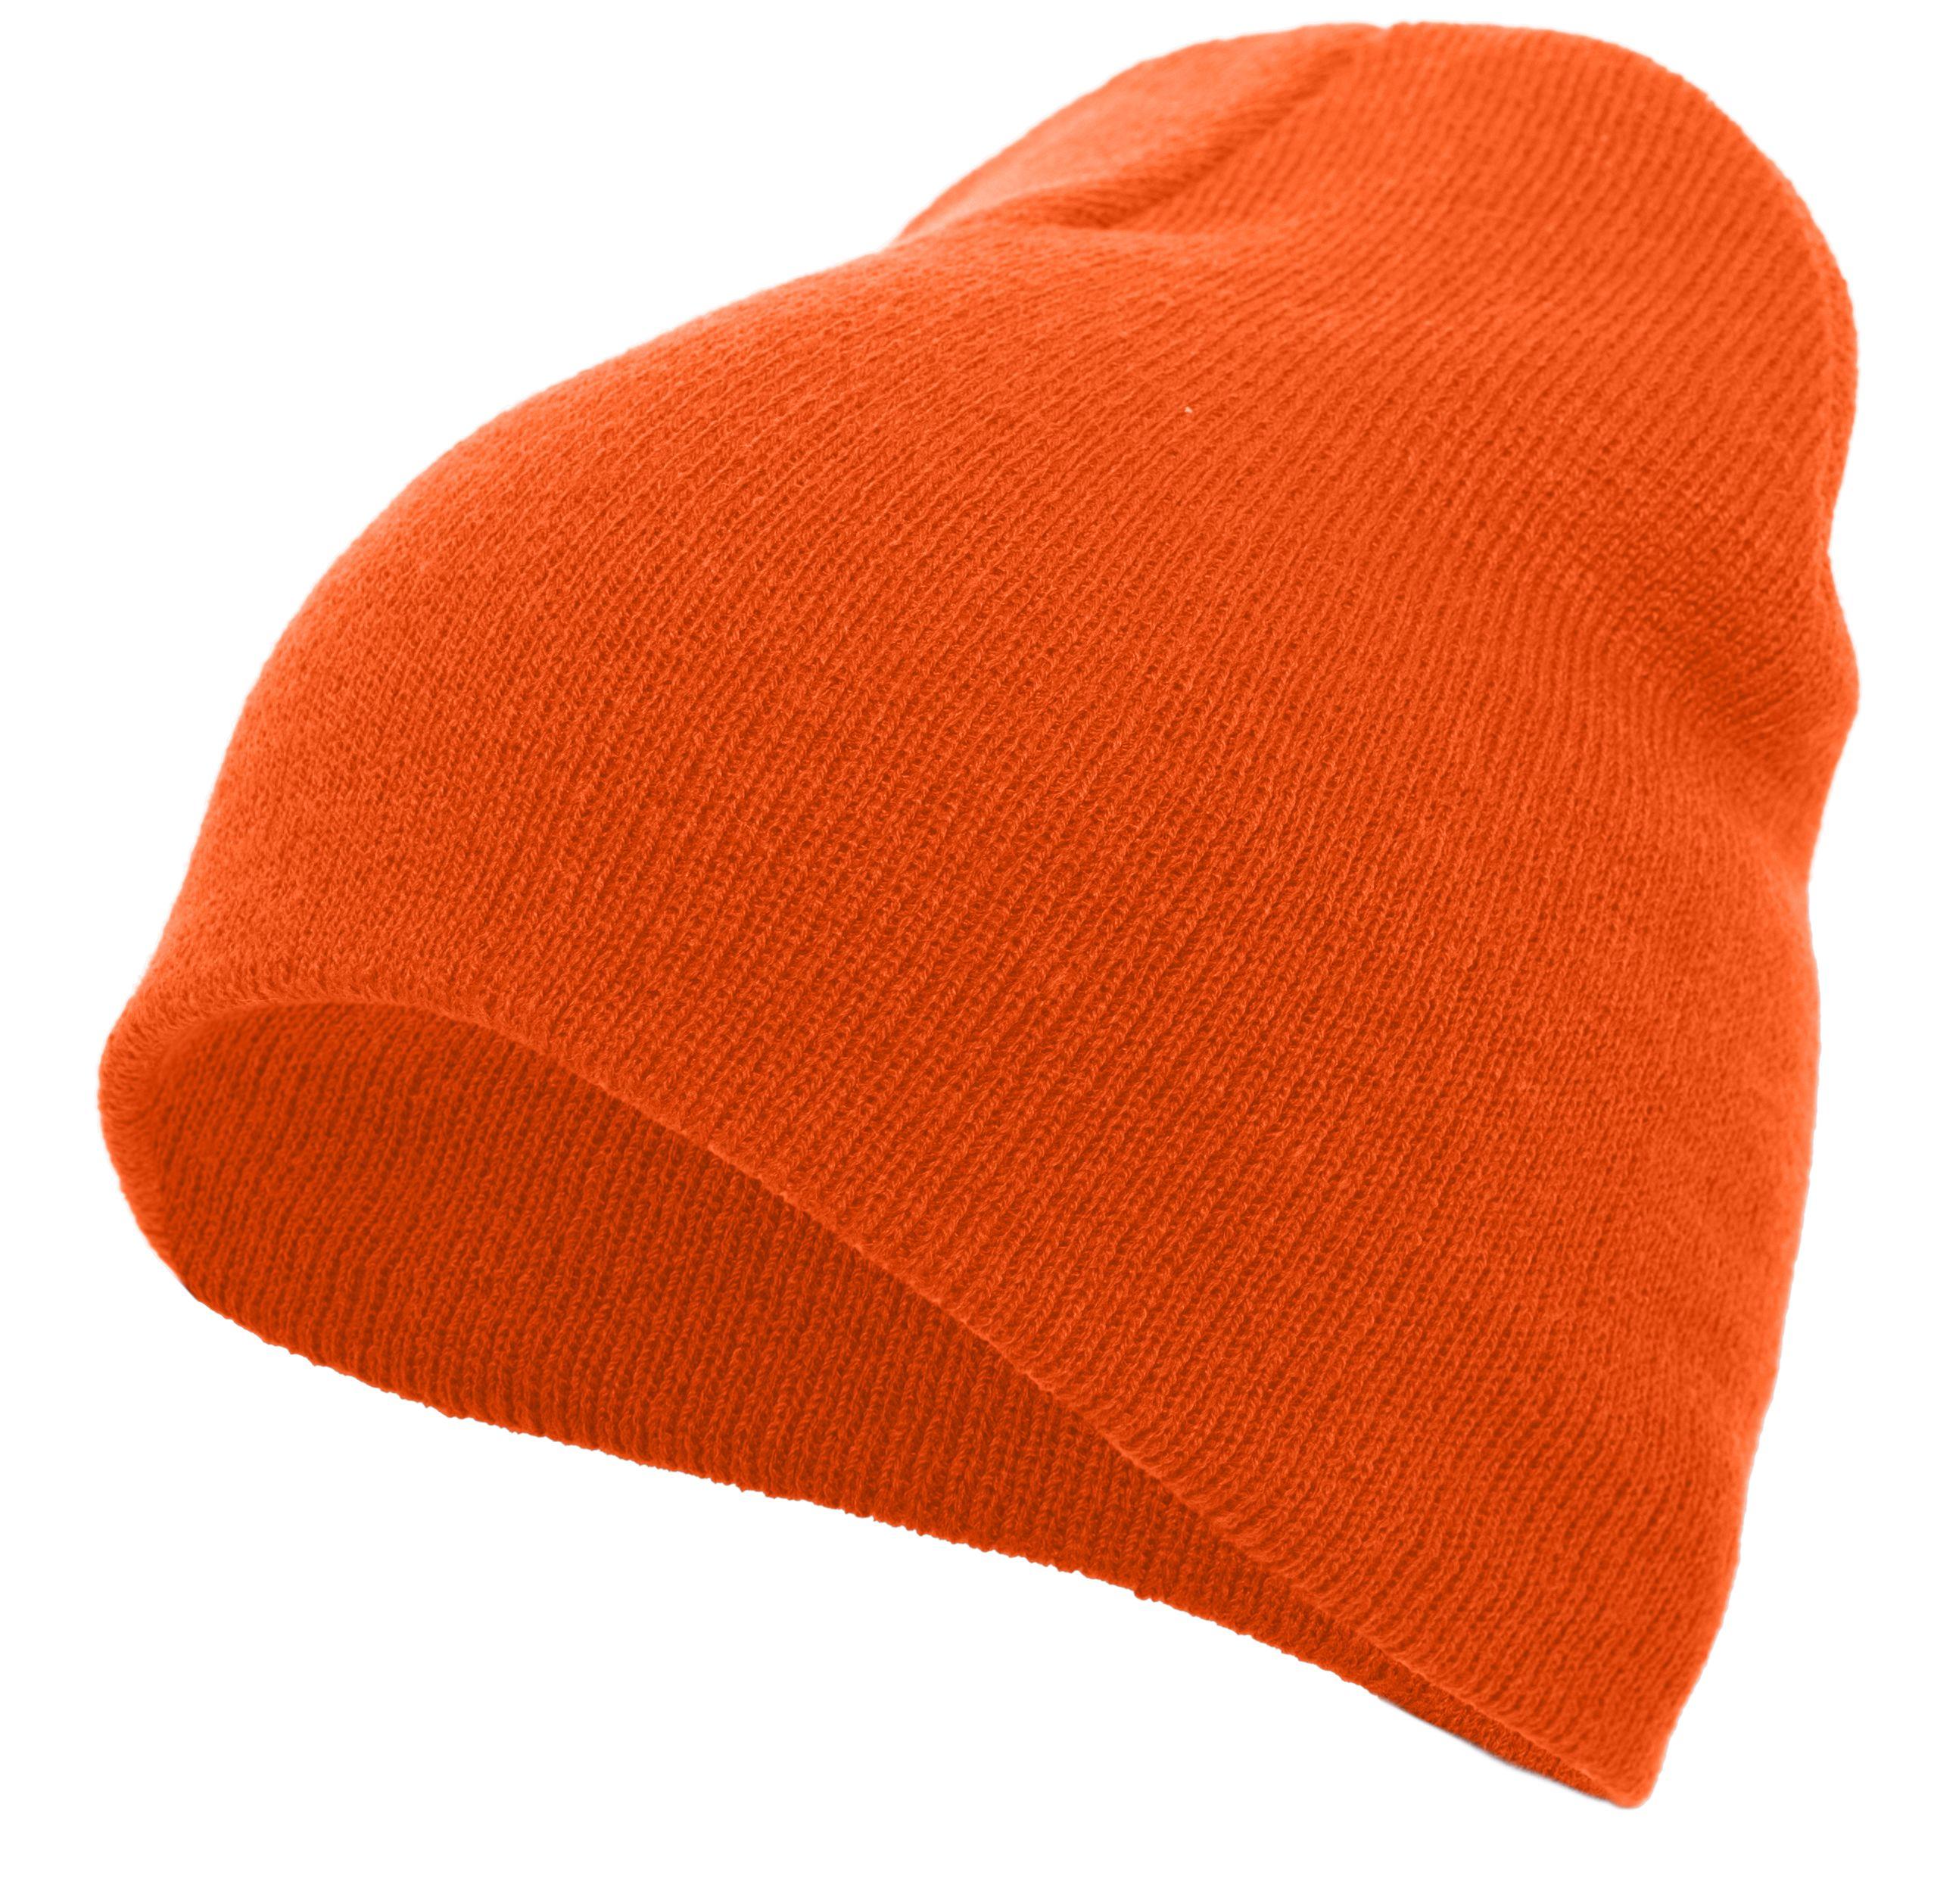 Basic Knit Beanie - ORANGE